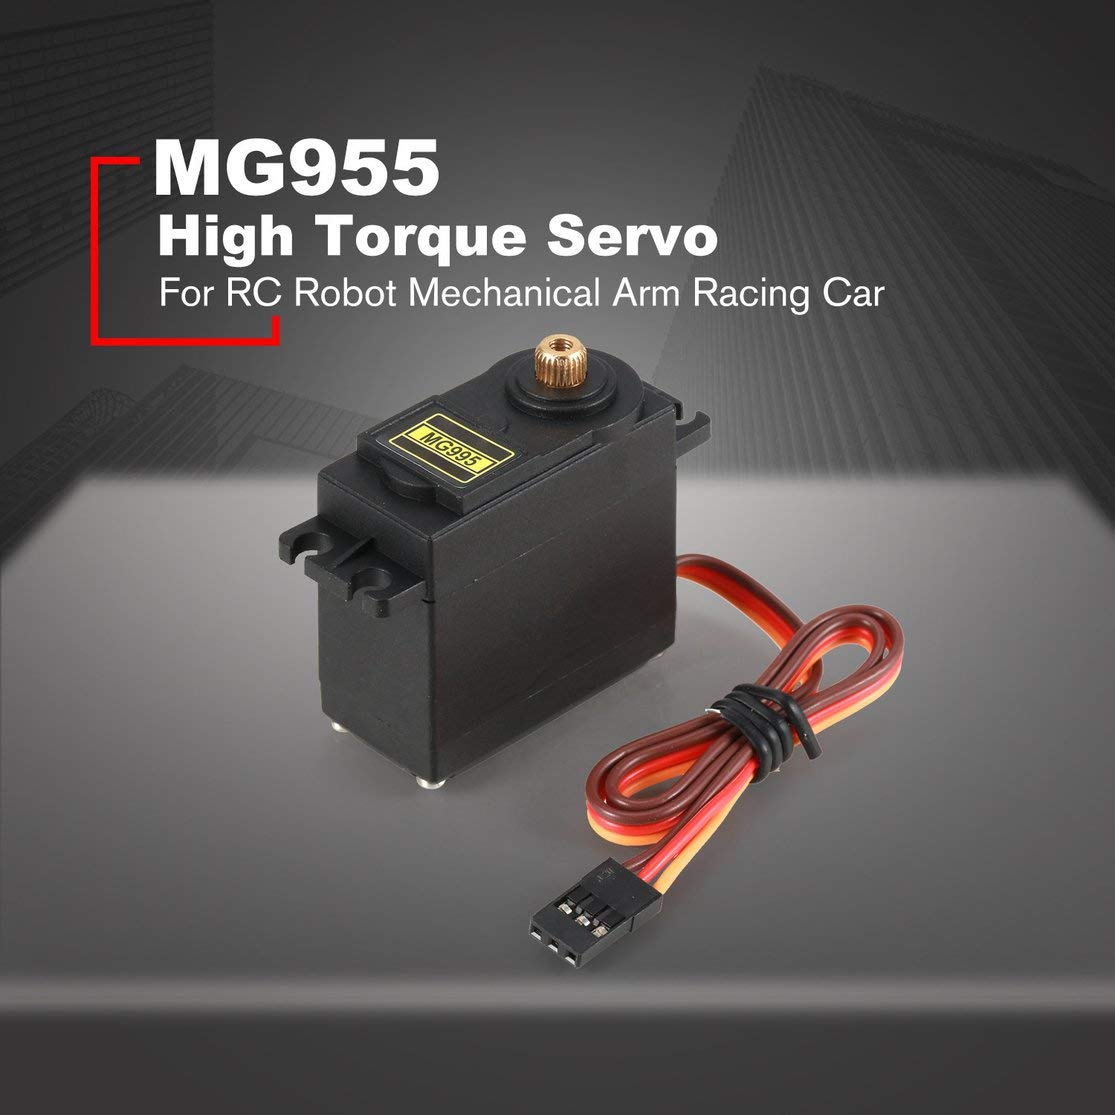 LouiseEvel215 Servo analogique Metal Gear Servo 55g Haute Vitesse Couple Digital Servo Moteur pour h/élicopt/ère de Voiture RC Robot Angle de contr/ôle 180